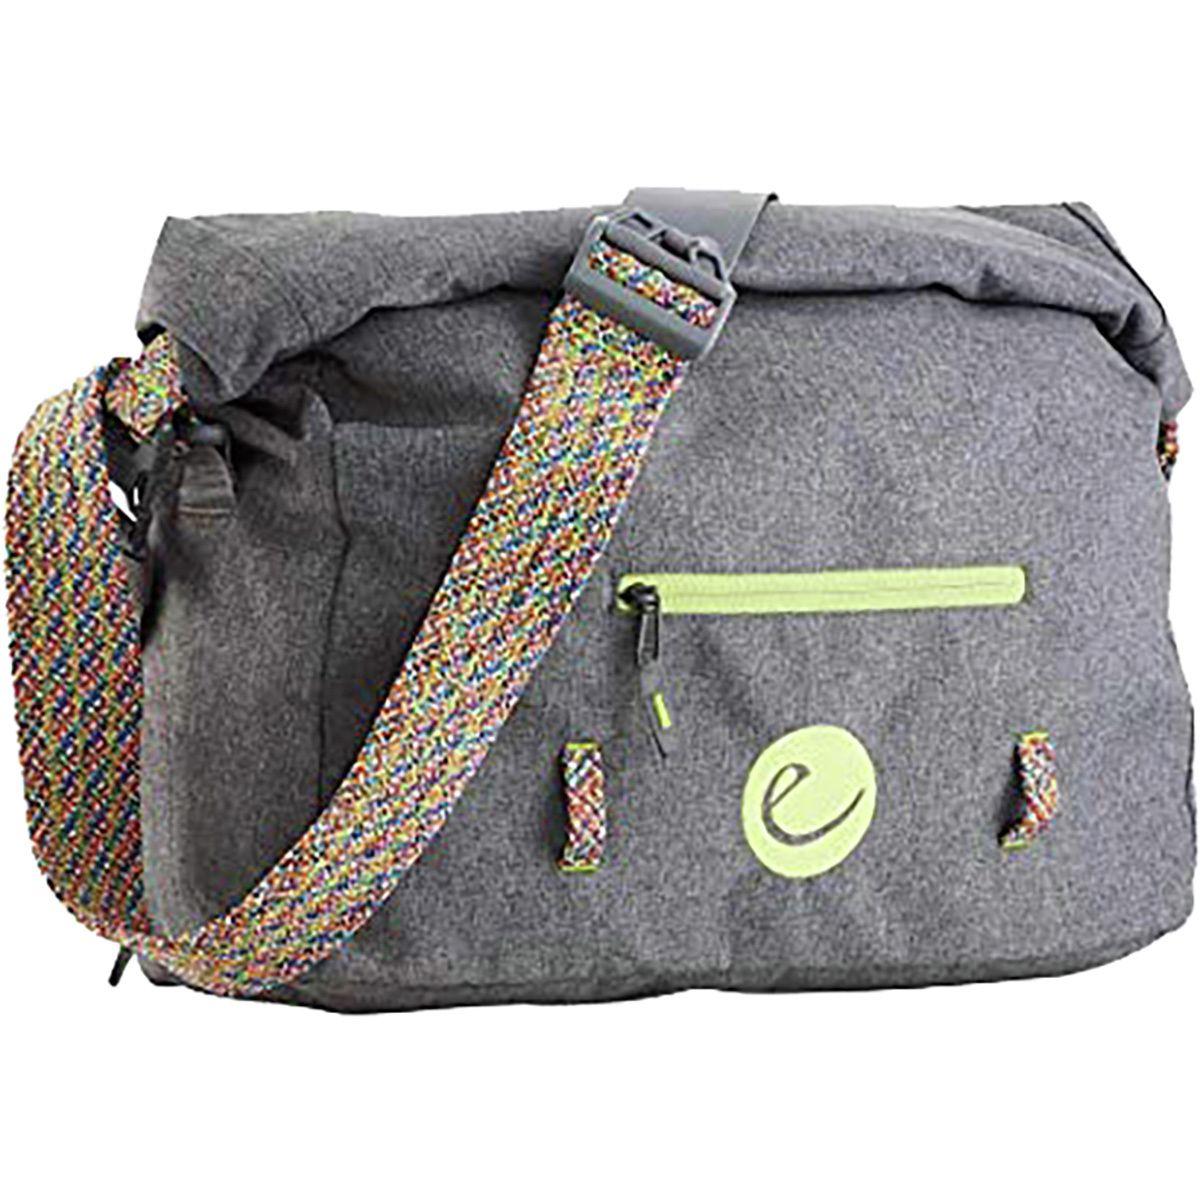 Edelrid Ridge Hiker 18 Rope Bag